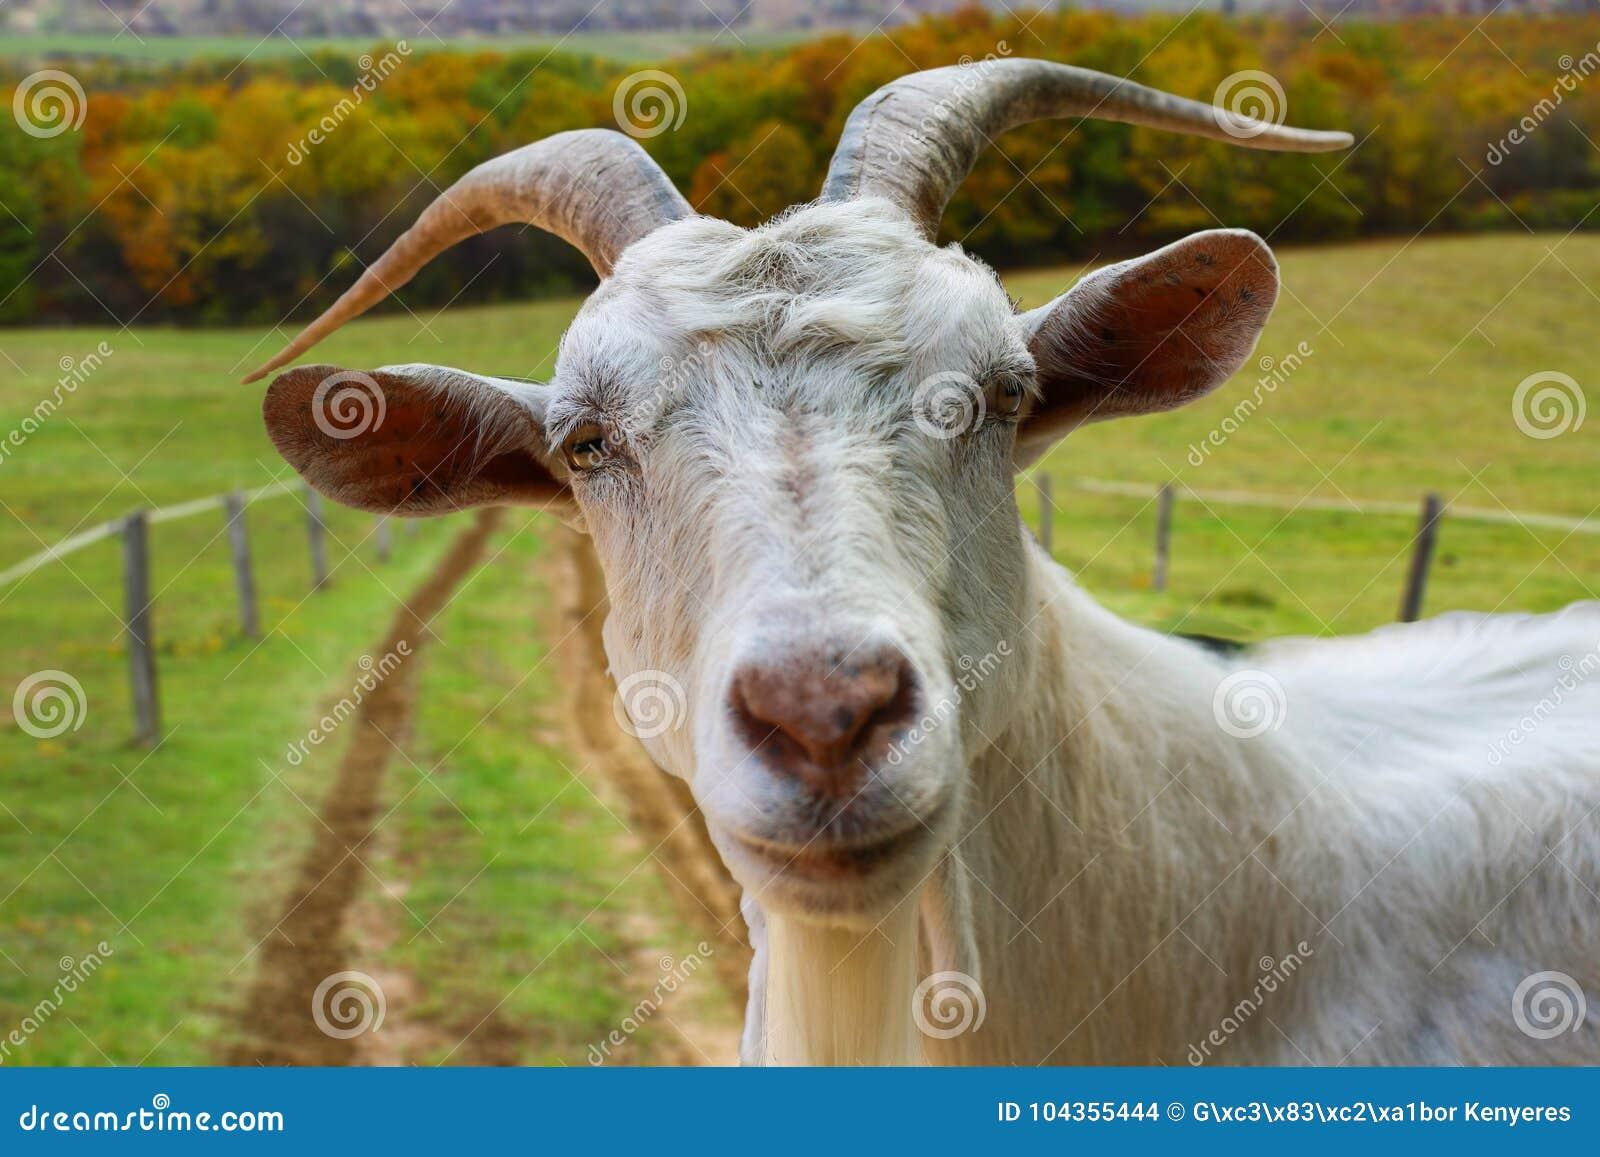 从农场的山羊画象